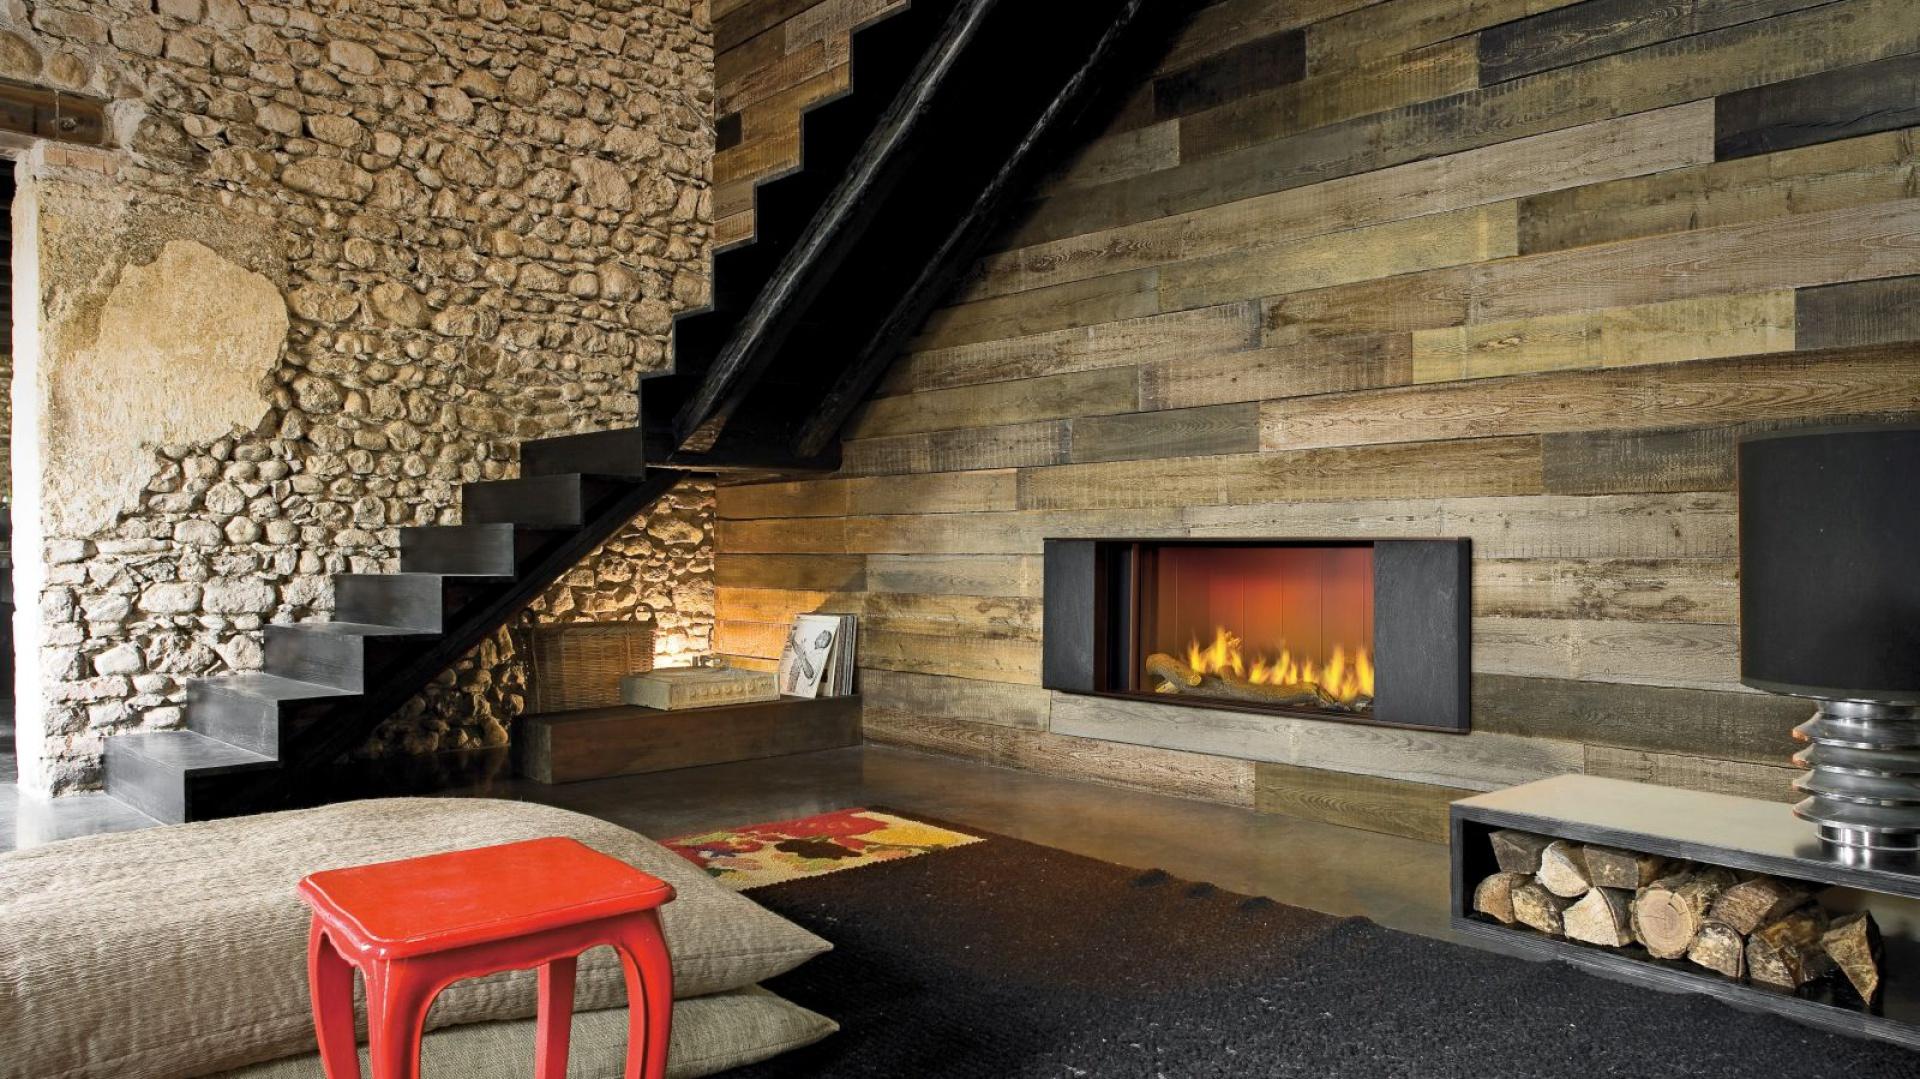 ciana wyko czona deskami o drewno w salonie zobacz nasze propozycje strona 3. Black Bedroom Furniture Sets. Home Design Ideas